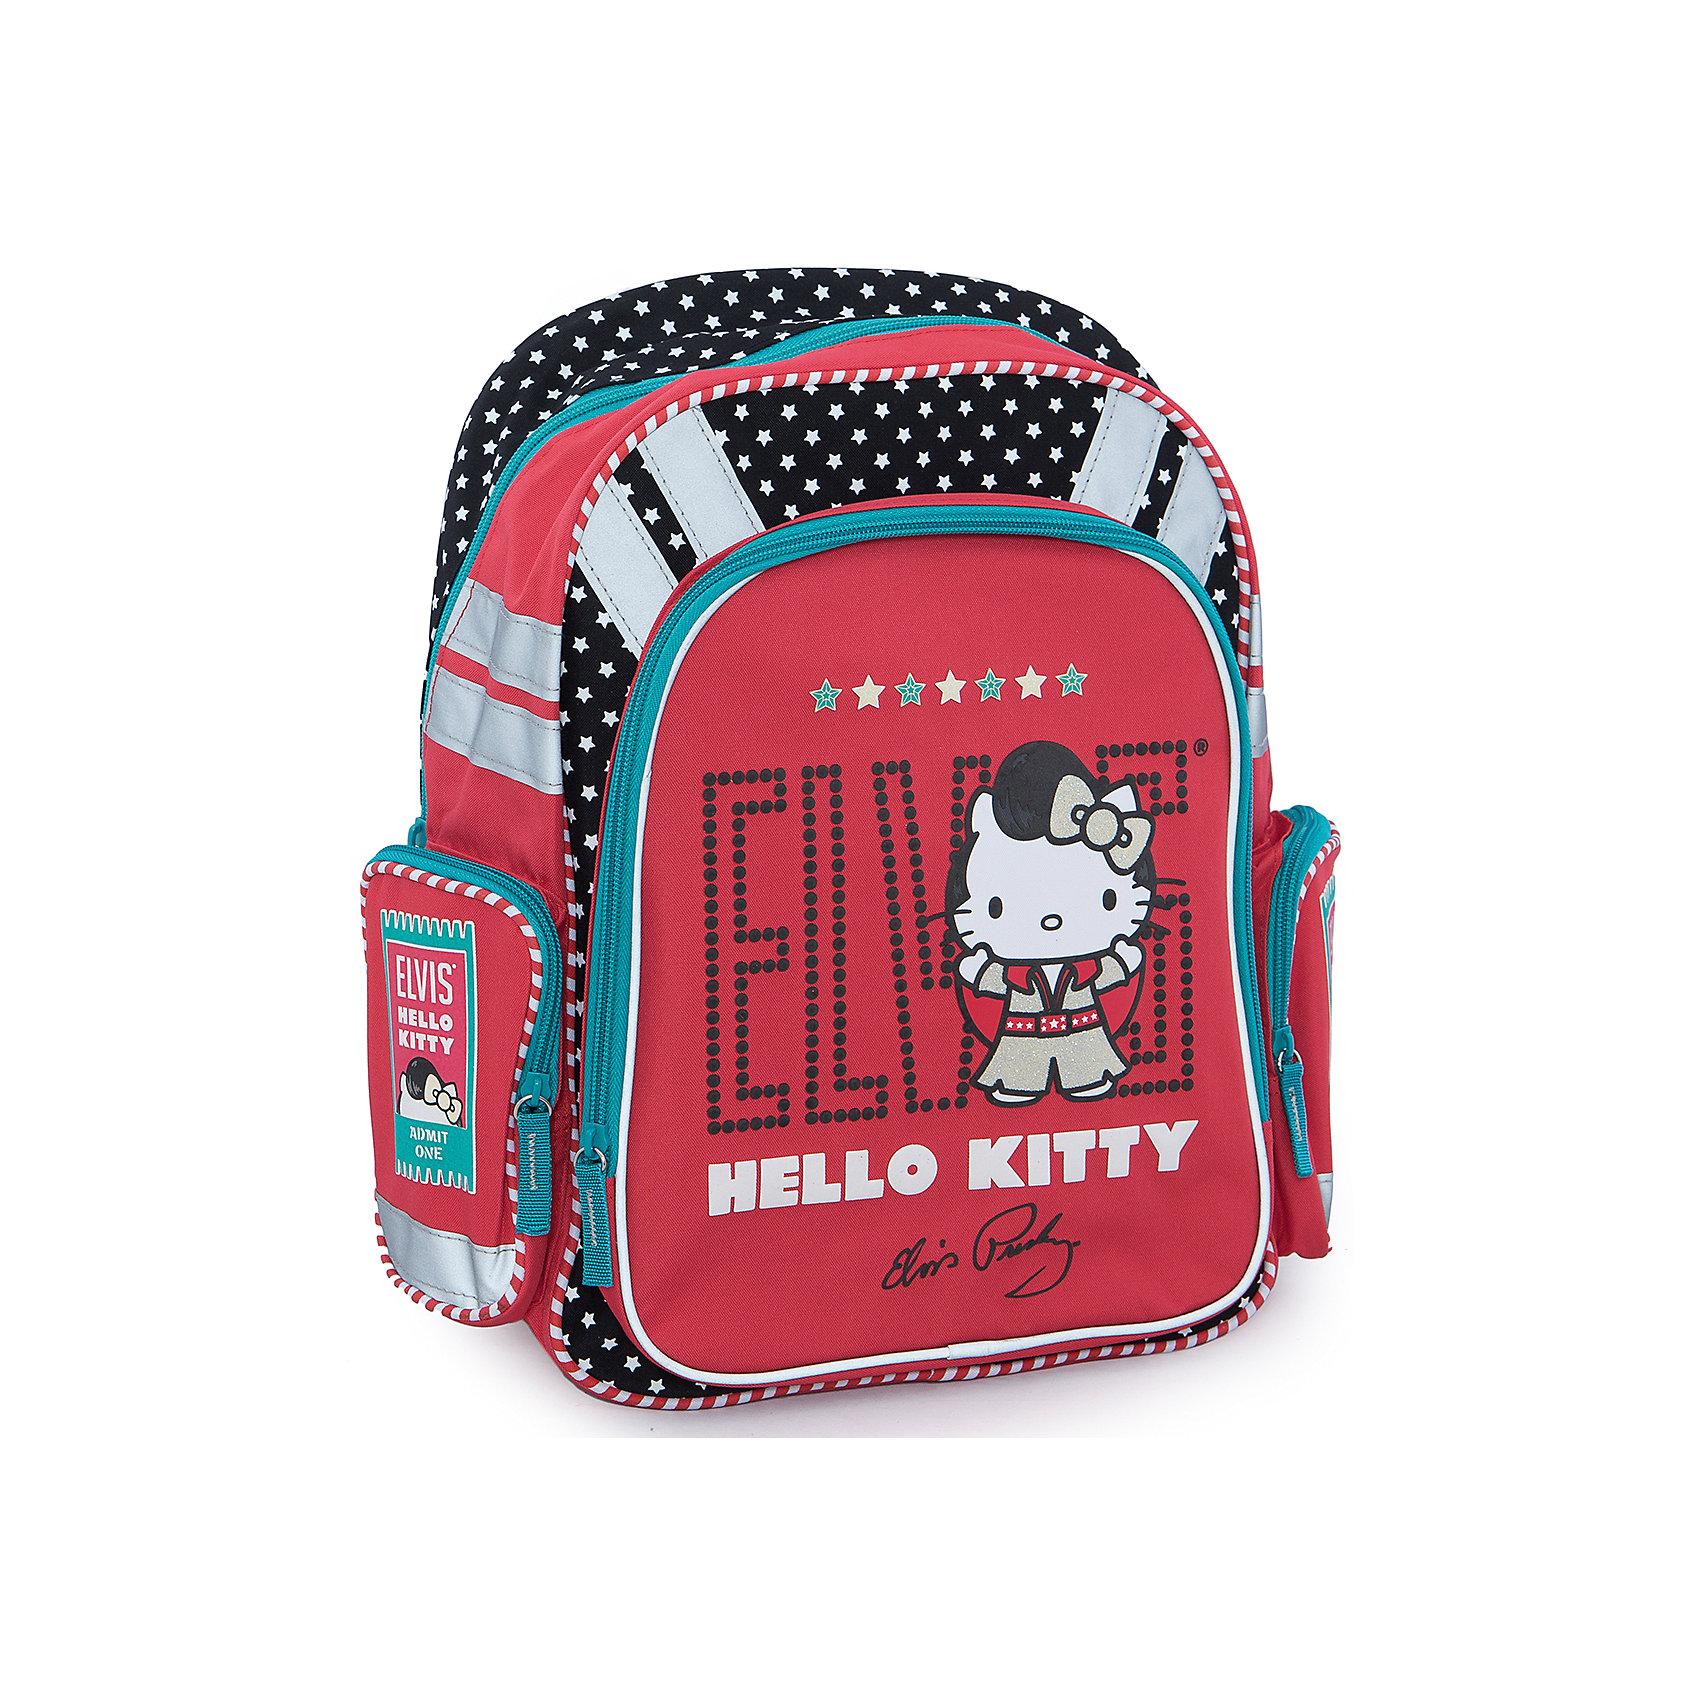 Ортопедический рюкзак с EVA-спинкой, Hello KittyОртопедический рюкзак Hello Kitty (Хелло Китти) эргономичной конструкции с EVA-спинкой идеальный рюкзак для школьных занятий. Благодаря использованию современного материала EVA, позвоночник ребенка не будет испытывать больших нагрузок во время эксплуатации рюкзака. Уплотненные боковинки рюкзака и дно помогают распределить вес всего рюкзака и сохранить его форму.<br><br>Рюкзак внутри разделен двумя вставками, имеются крепления для канцелярских принадлежностей и небольшой сетчатый карман. Широкие лямки рюкзака регулируются по росту и размеру ребенка, имеется удобная ручка для переноски. Сбоку расположены карман для мелочей и отделение для бутылочки с водой, на лицевой стороне имеется большой жесткий карман на молнии. Для безопасности ребенка предусмотрены светоотражающие элементы. Рюкзак оформлен в стиле бренда Hello Kitty, красного цвета с золотыми вставками, лицевая сторона украшена изображением знаменитой белой кошечки. <br><br>Дополнительная информация:<br><br>- Материал: полиэстер.<br>- Размер: 16 х 38 х 36 см.<br>- Вес:  0,77 кг.<br><br>Рюкзак ортопедический с EVA-спинкой Hello Kitty можно купить в нашем интернет-магазине.<br><br>Ширина мм: 380<br>Глубина мм: 290<br>Высота мм: 130<br>Вес г: 735<br>Возраст от месяцев: 96<br>Возраст до месяцев: 108<br>Пол: Женский<br>Возраст: Детский<br>SKU: 3563120